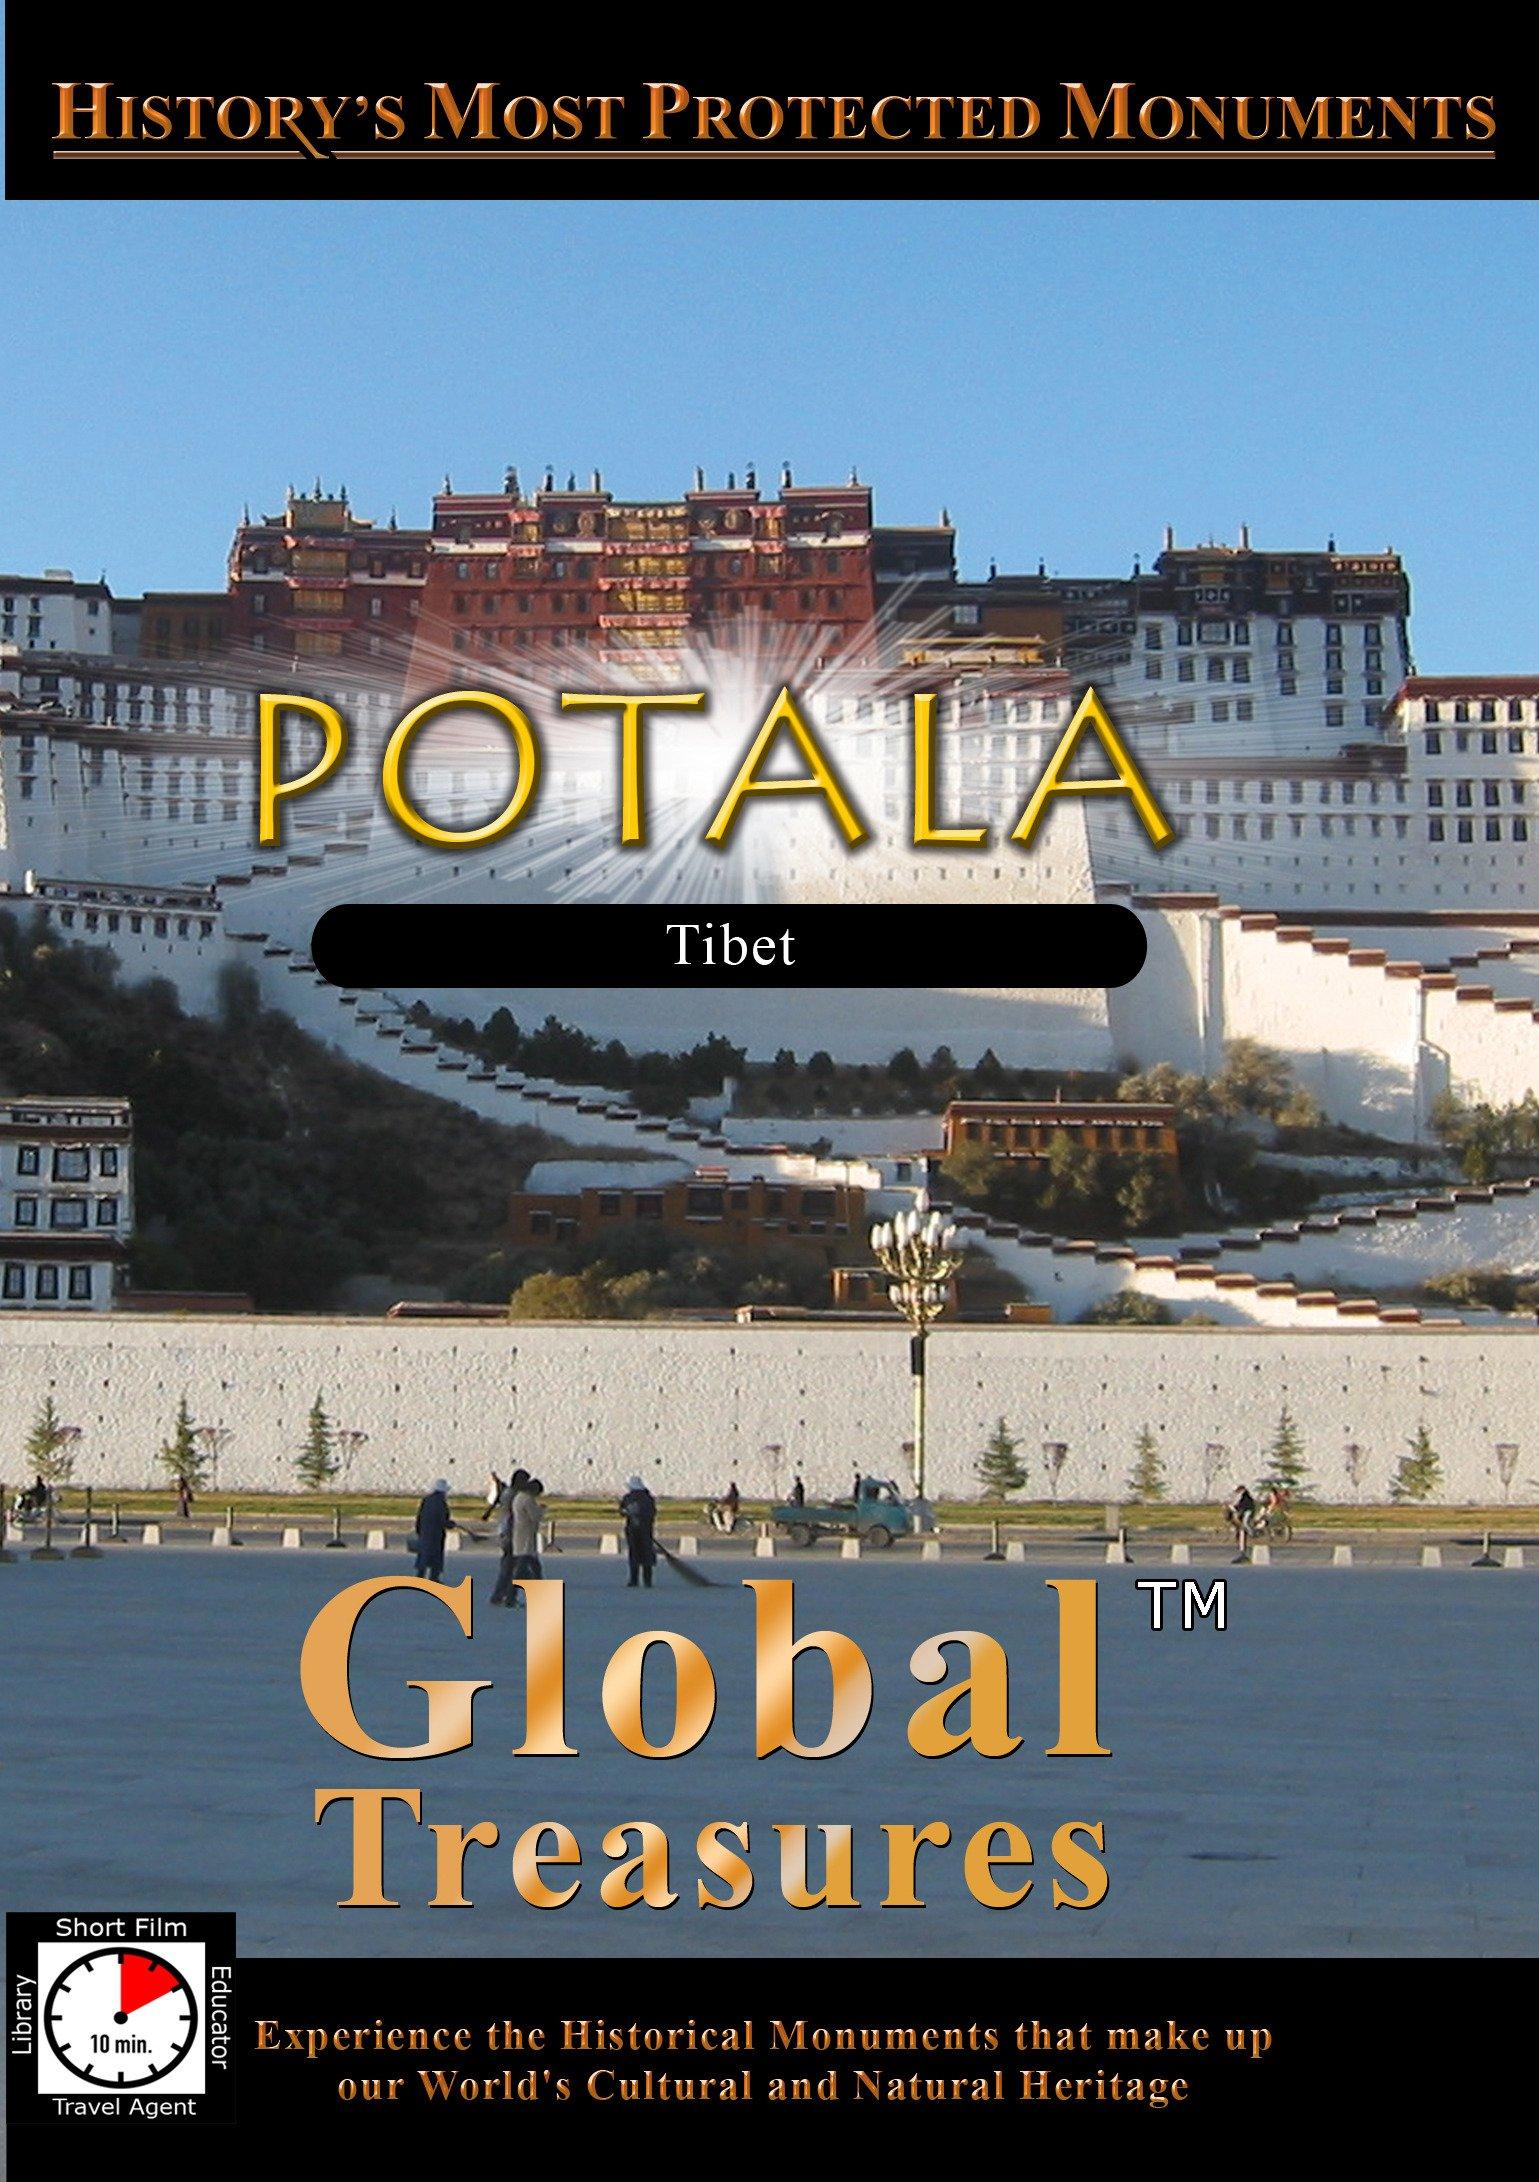 Global Treasures - Potala, Tibet on Amazon Prime Video UK